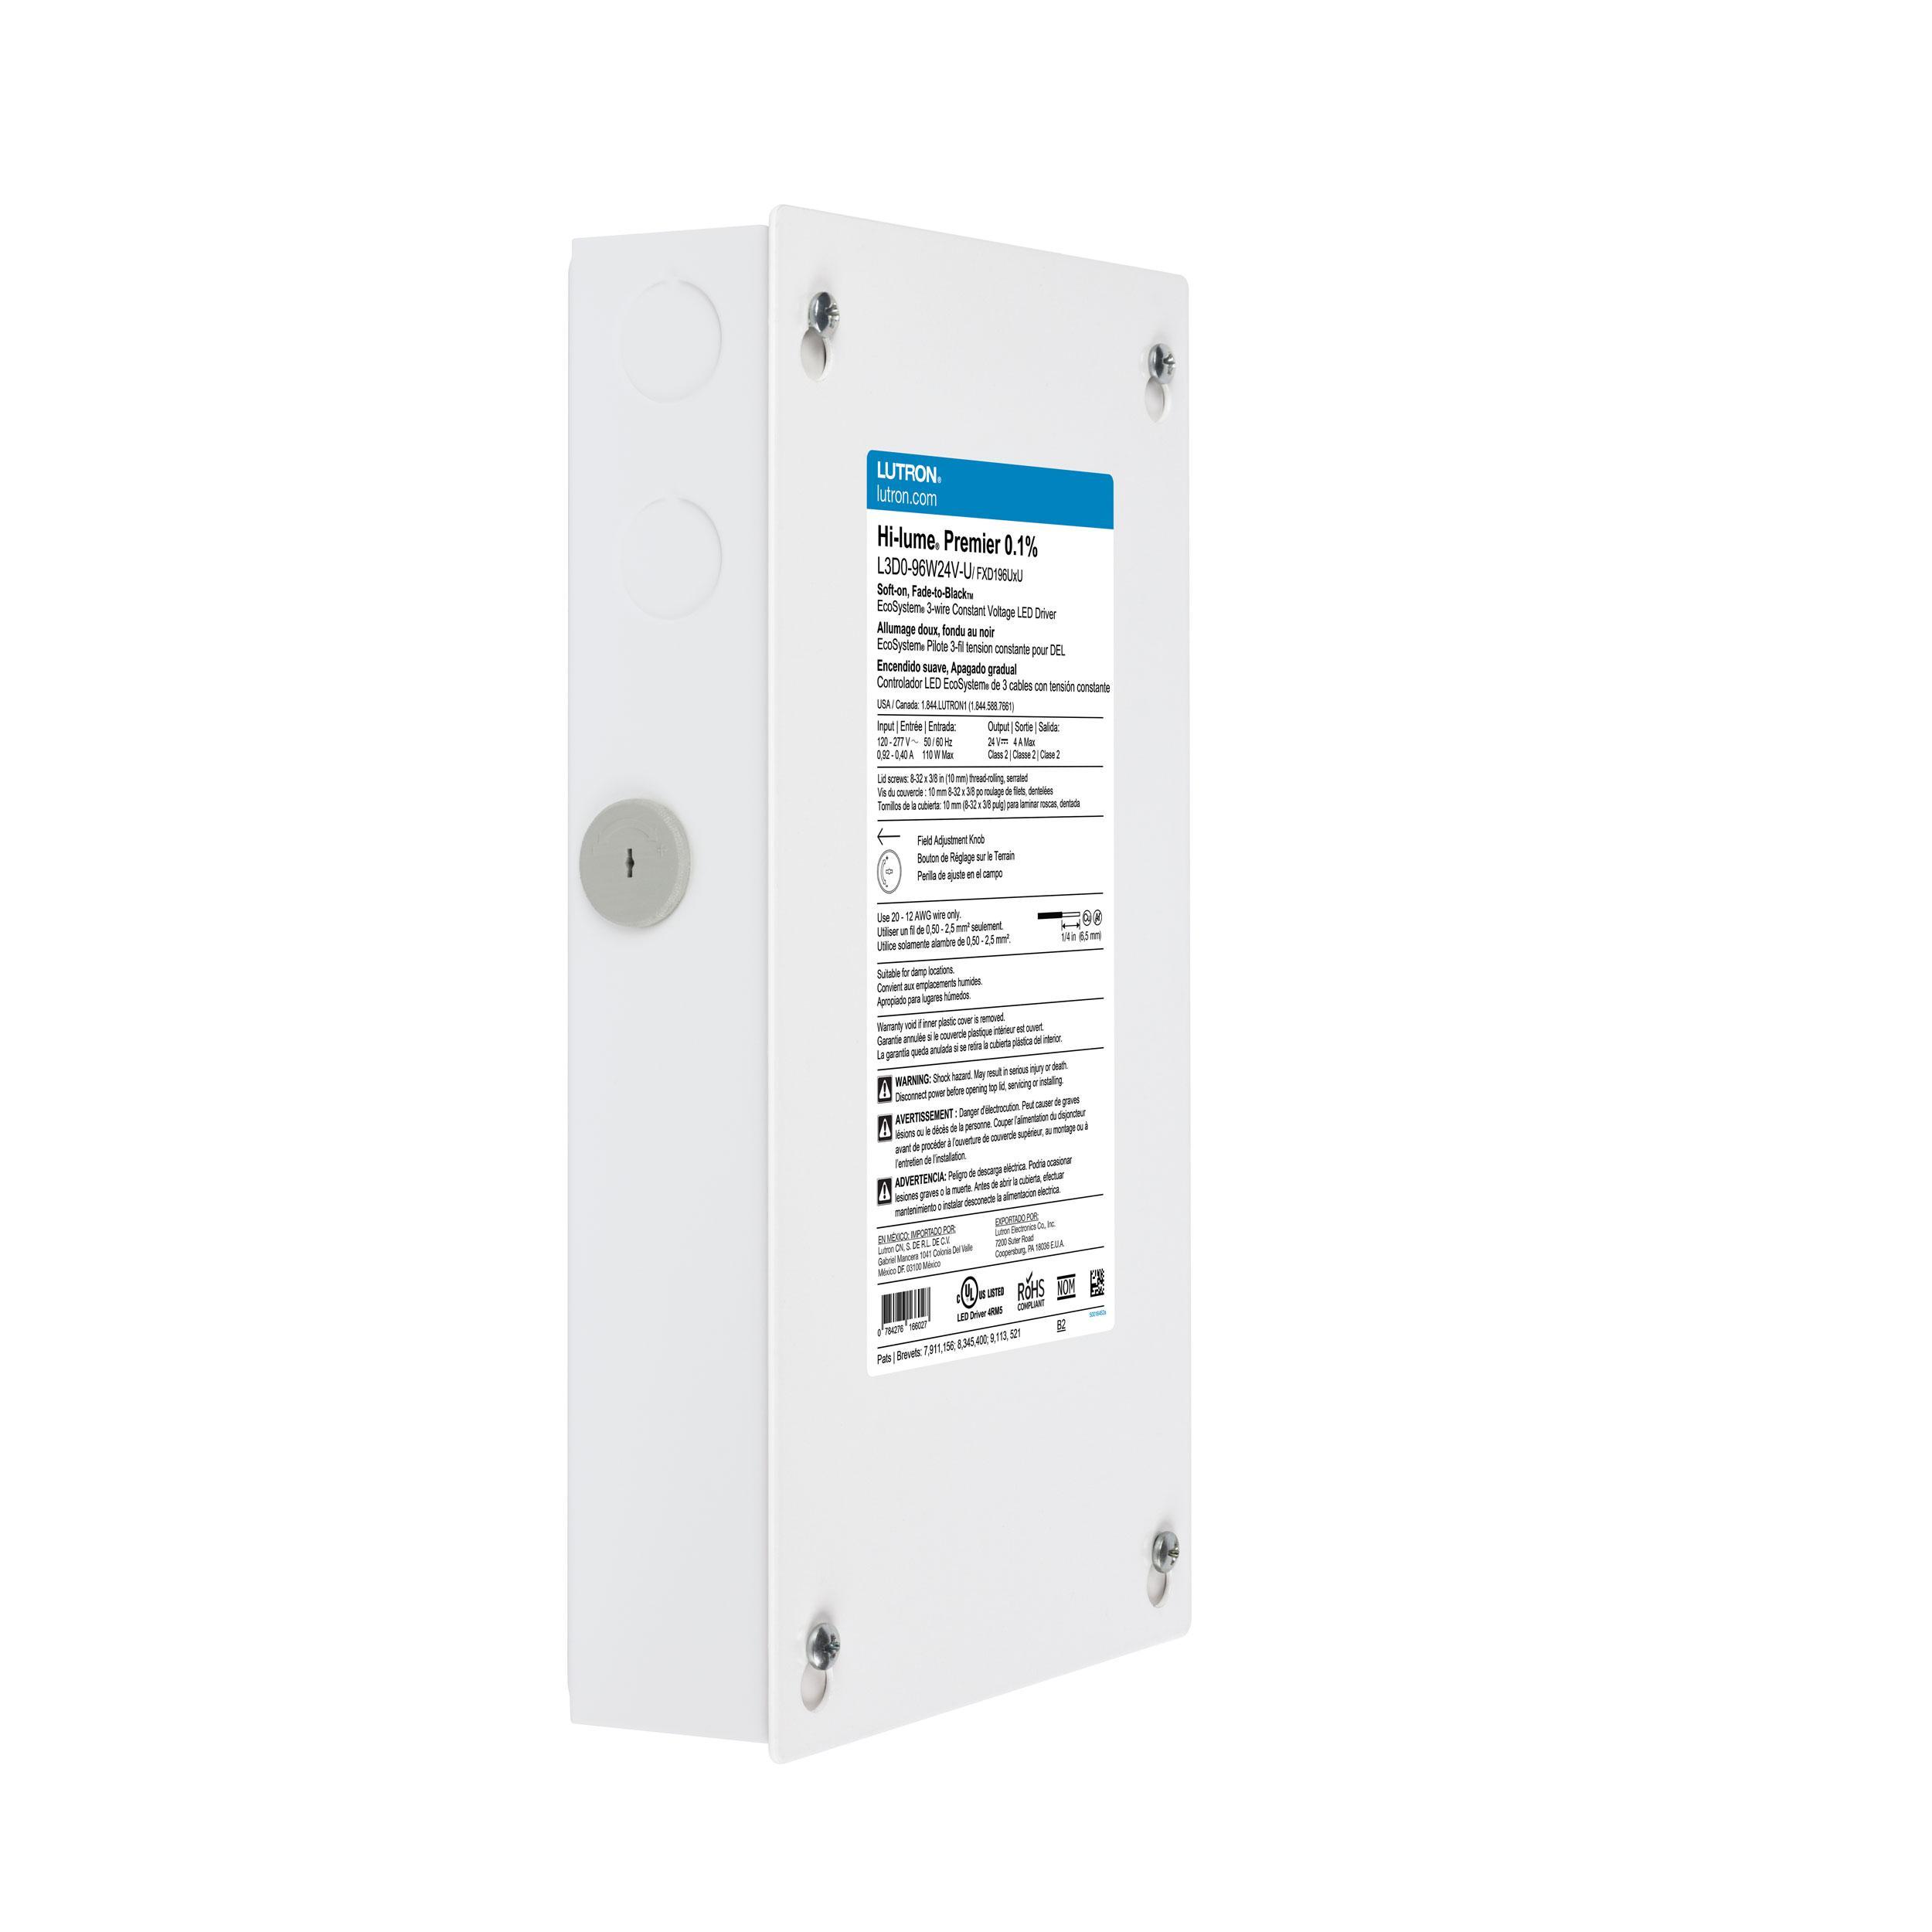 Lutron® Hi-lume Premier 0.1% LED driver